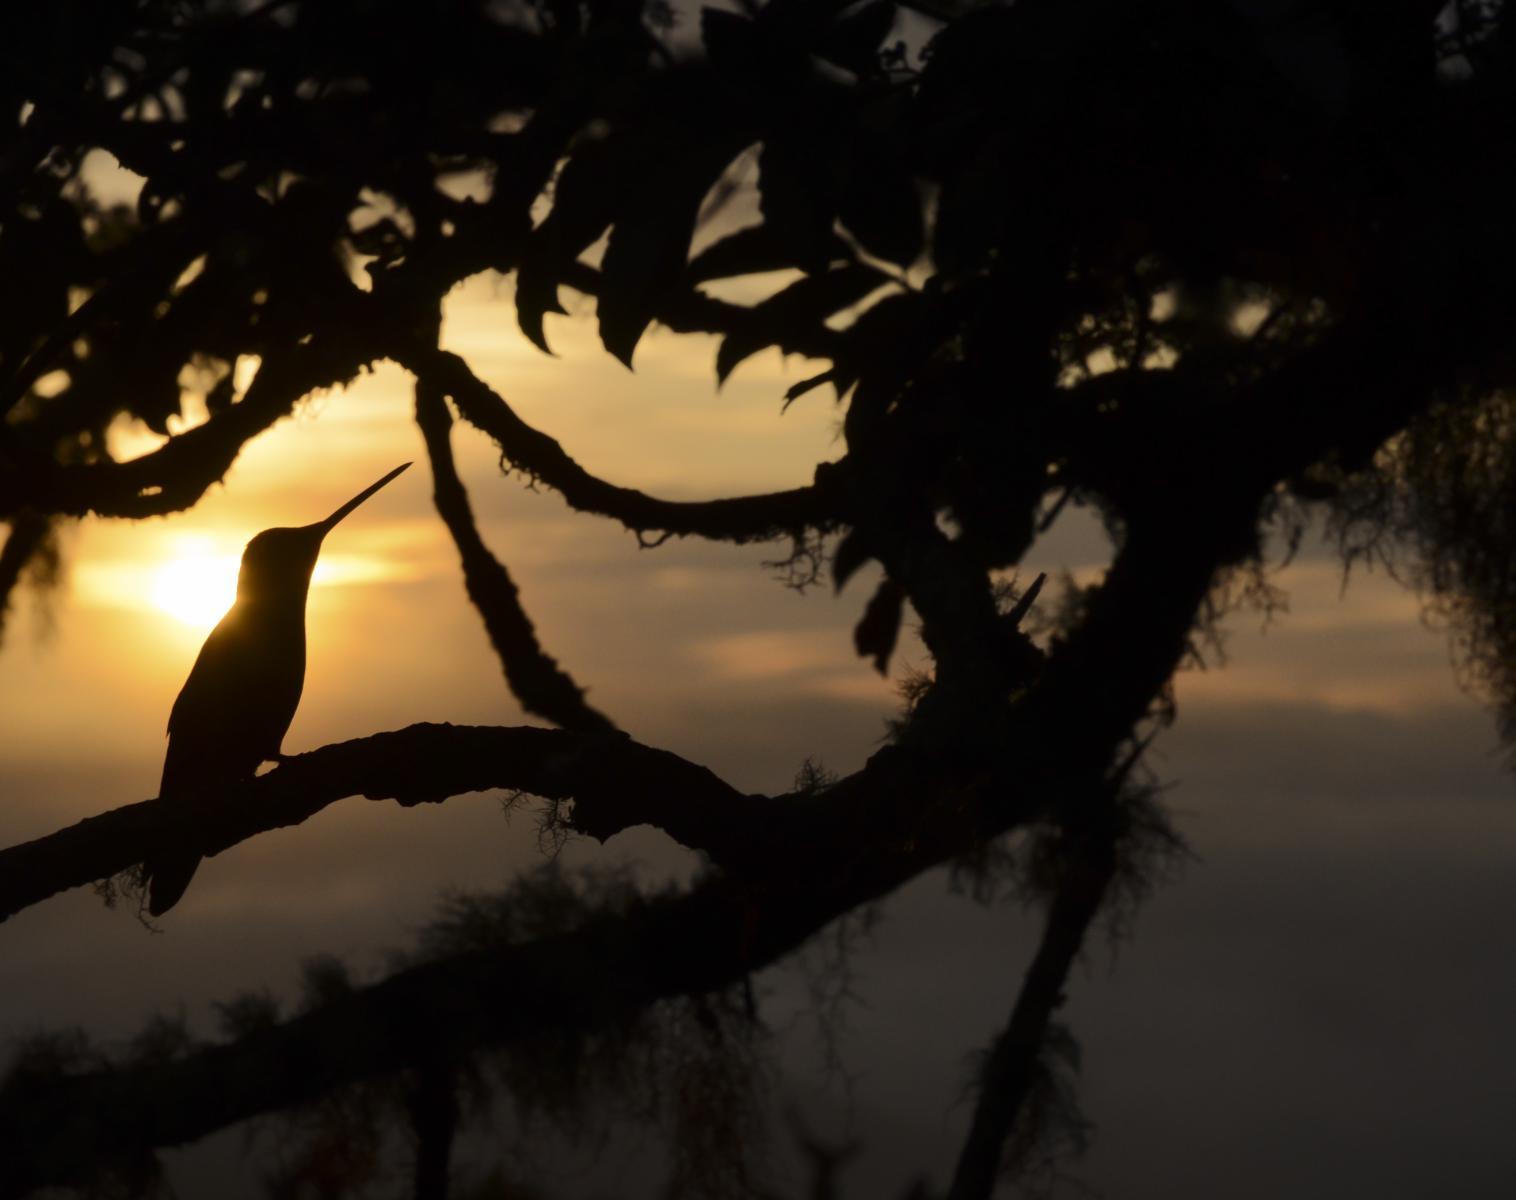 Équateur  Colibris et faune andine. Spécial photo.    Photo Observation nature Balade nature